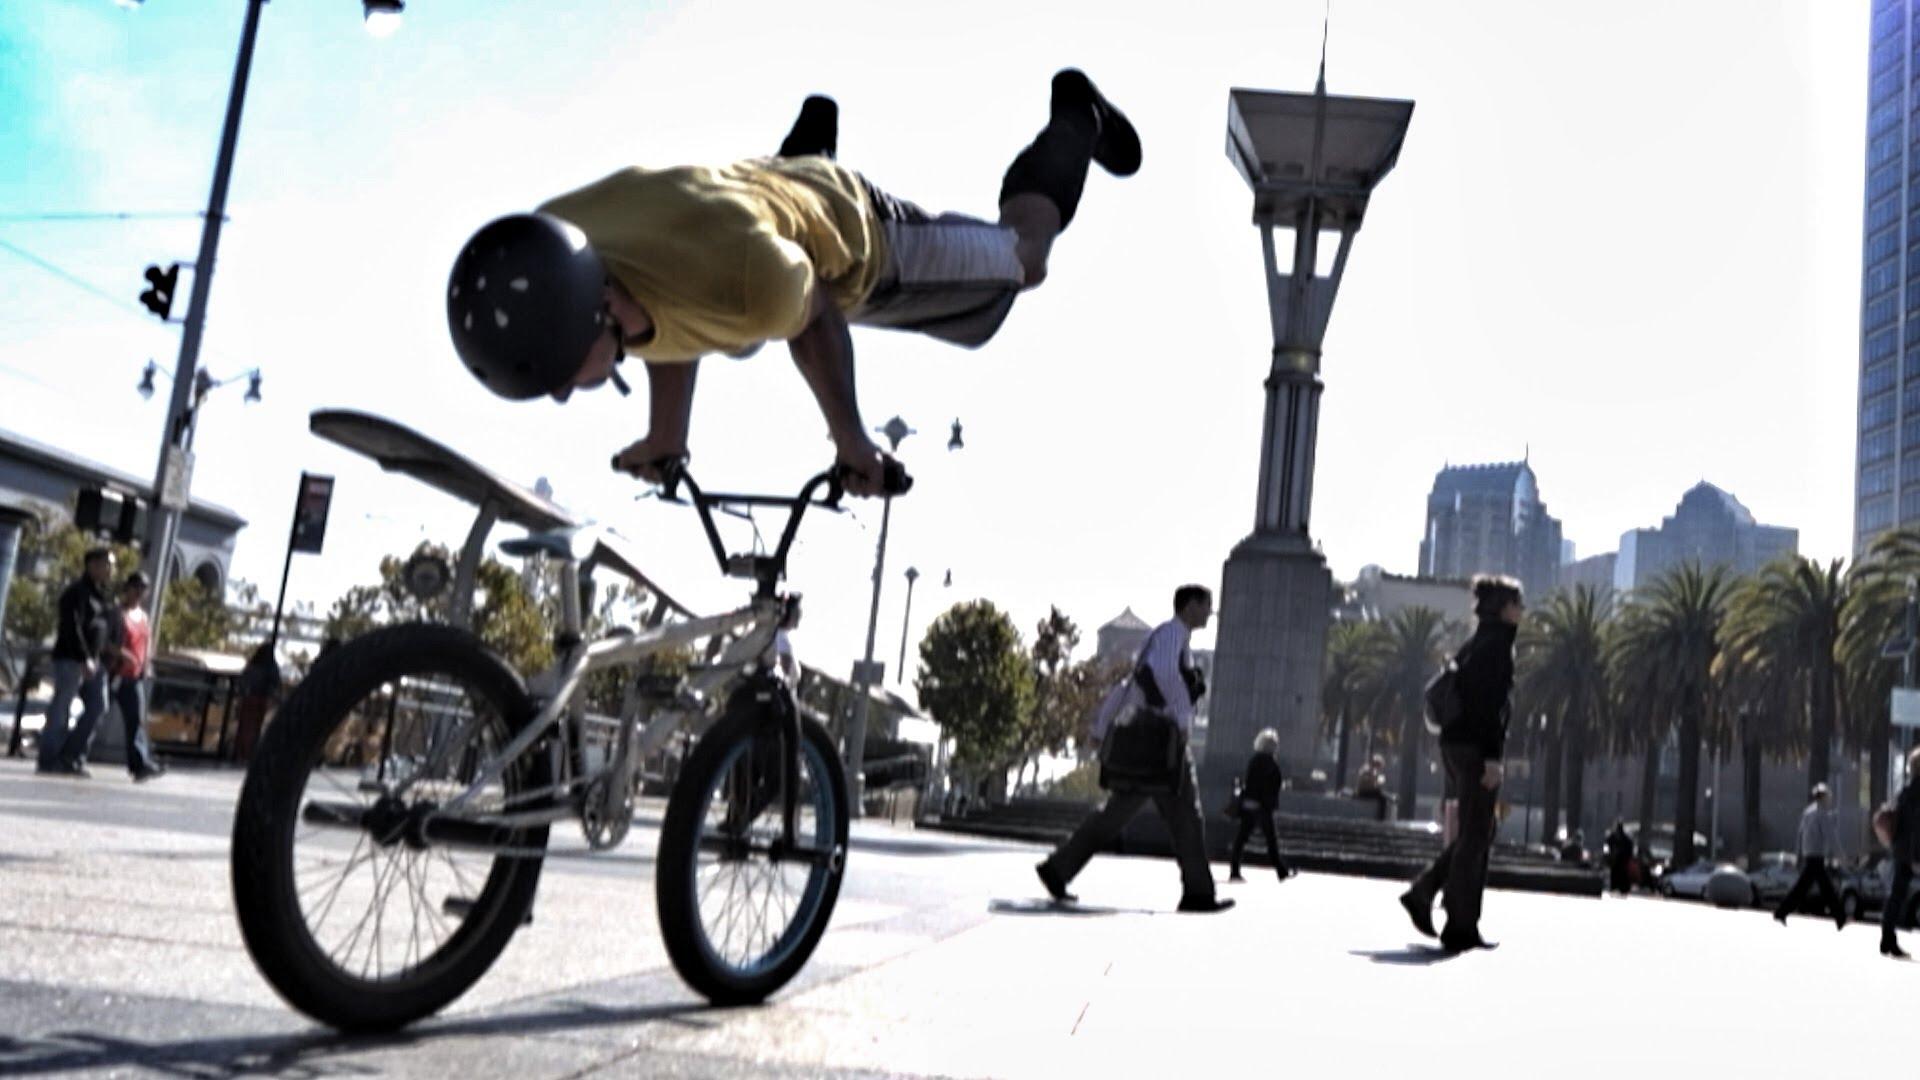 自転車とパルクールを組み合わせたバイクパルクールが格好良い!